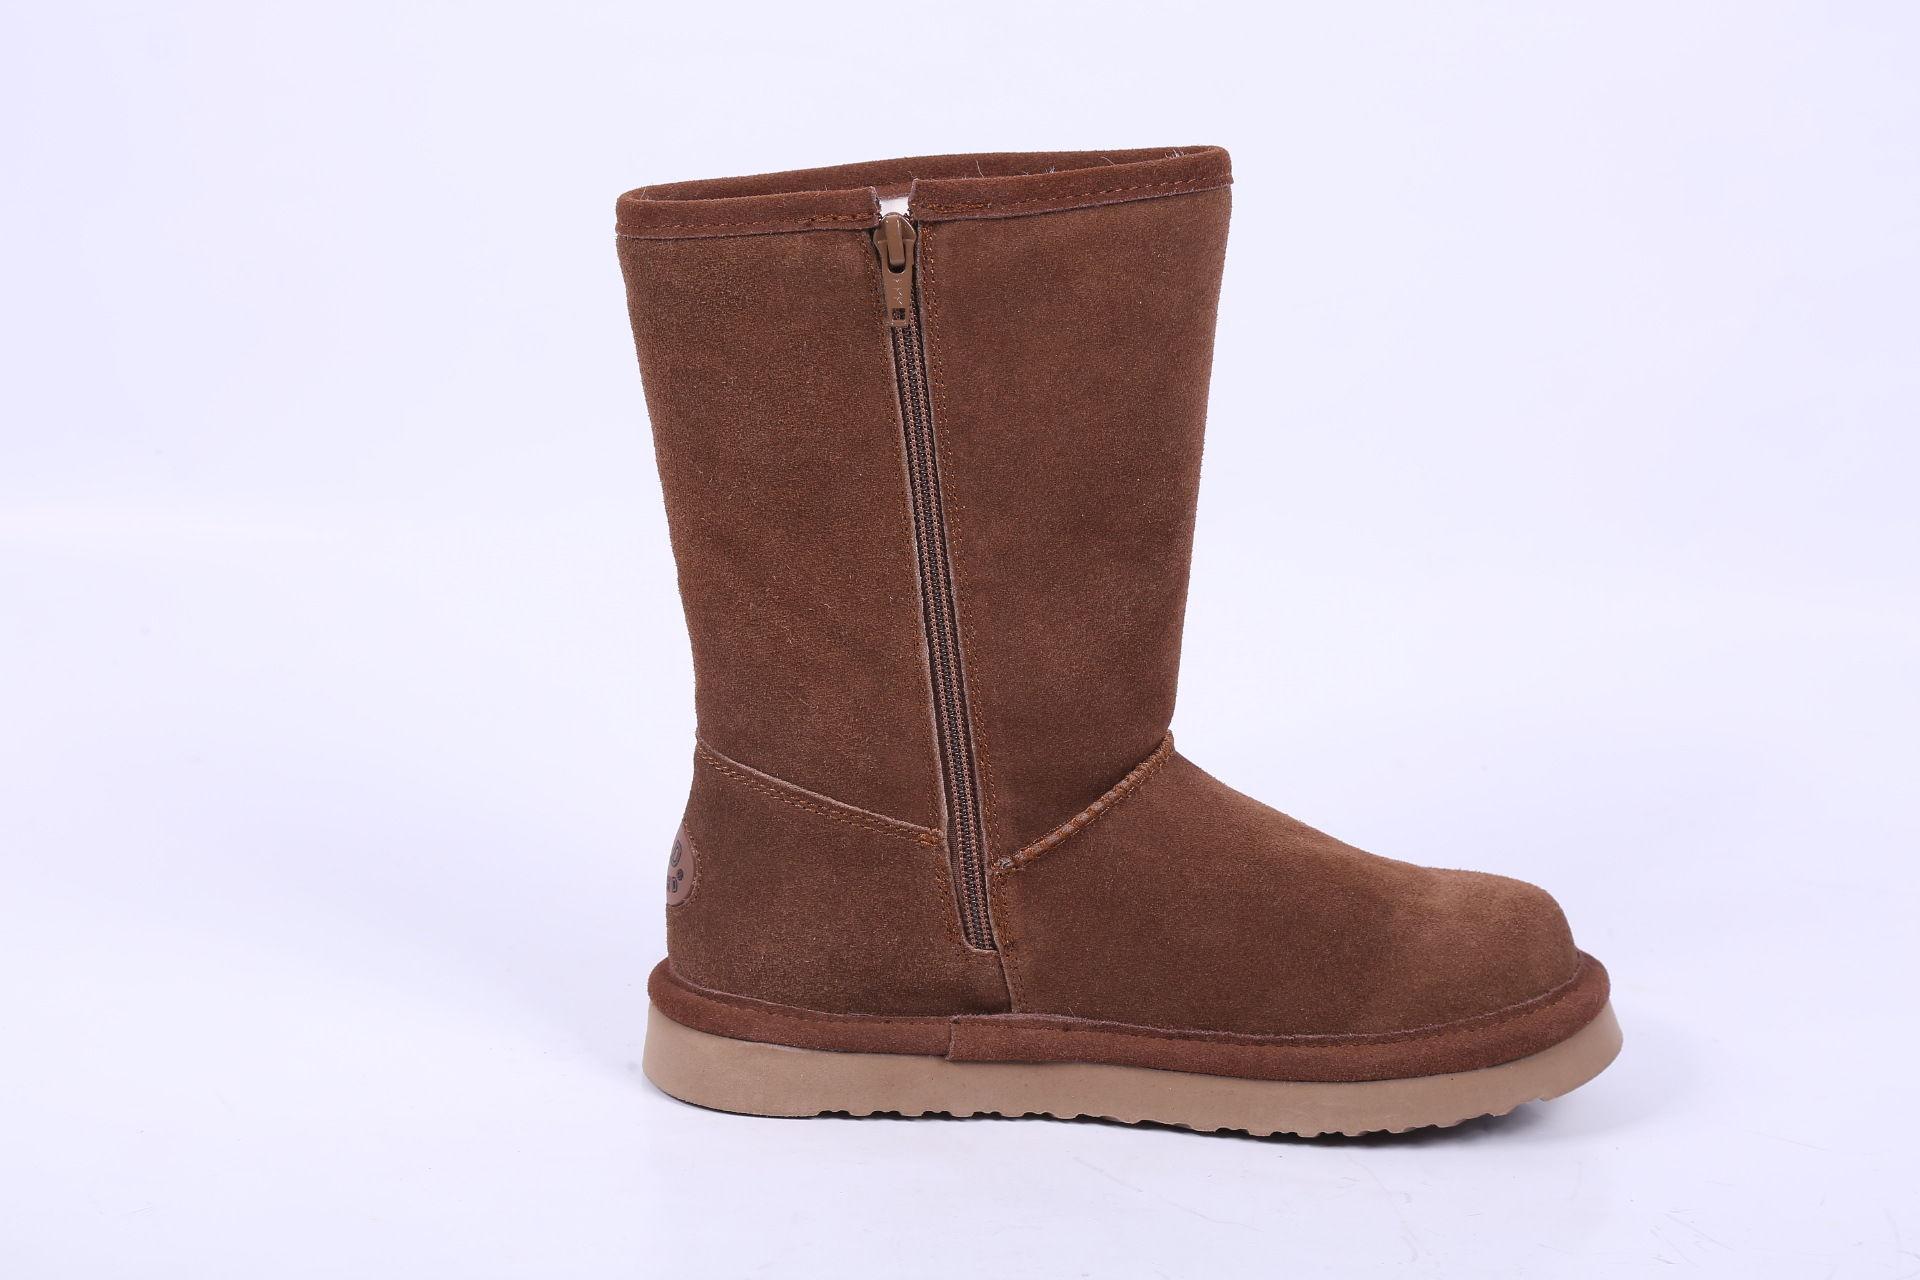 怎样鉴别雪地靴质量的好坏